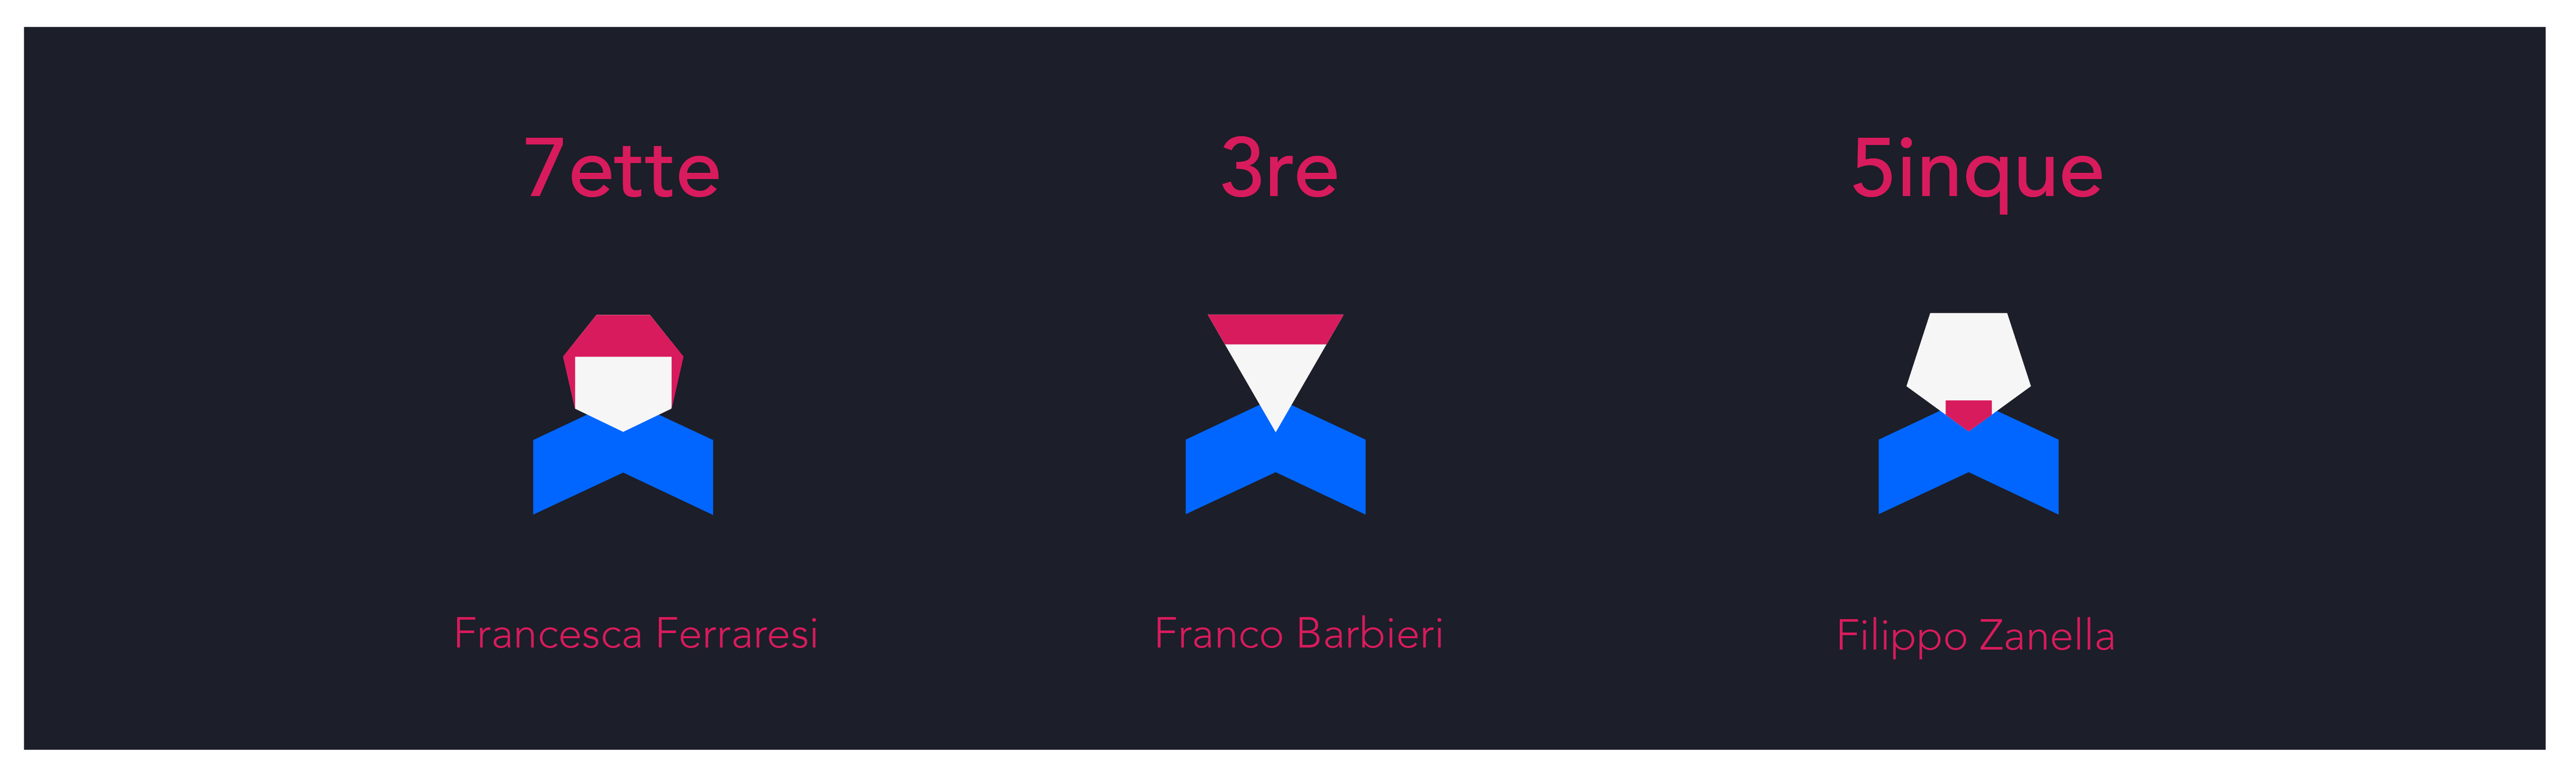 Personalizzazione grafica di icone per 735 srl – Attori